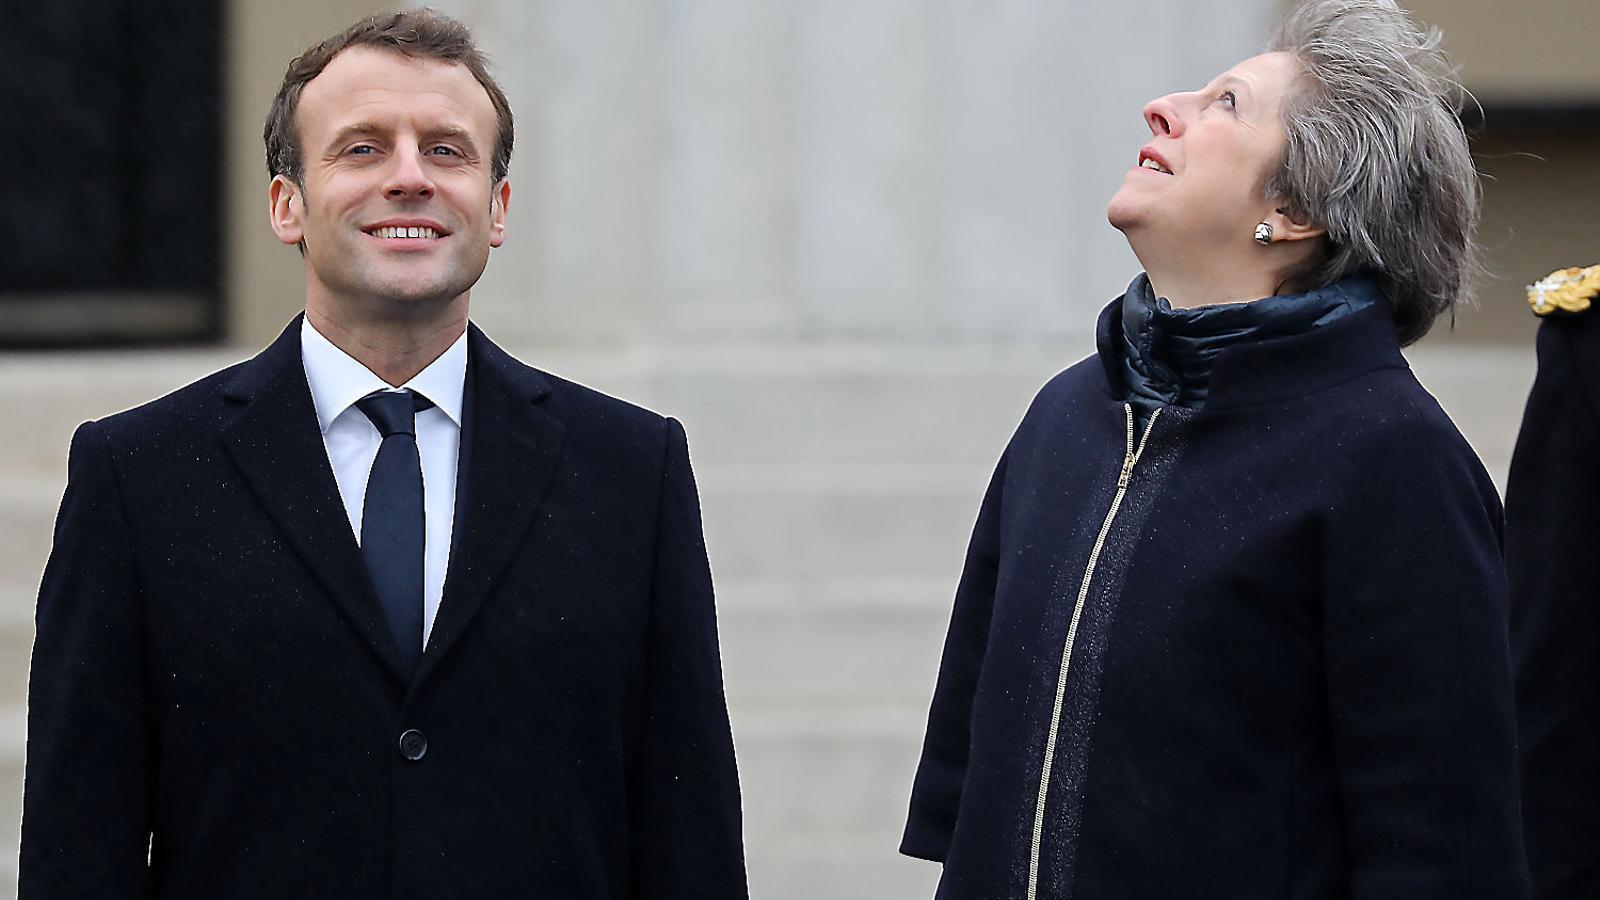 Emmanuel Macron i Theresa May, ahir, durant  la visita que  el president francès va fer  a l'acadèmia militar de Sandhurst,  al sud-oest  de Londres.